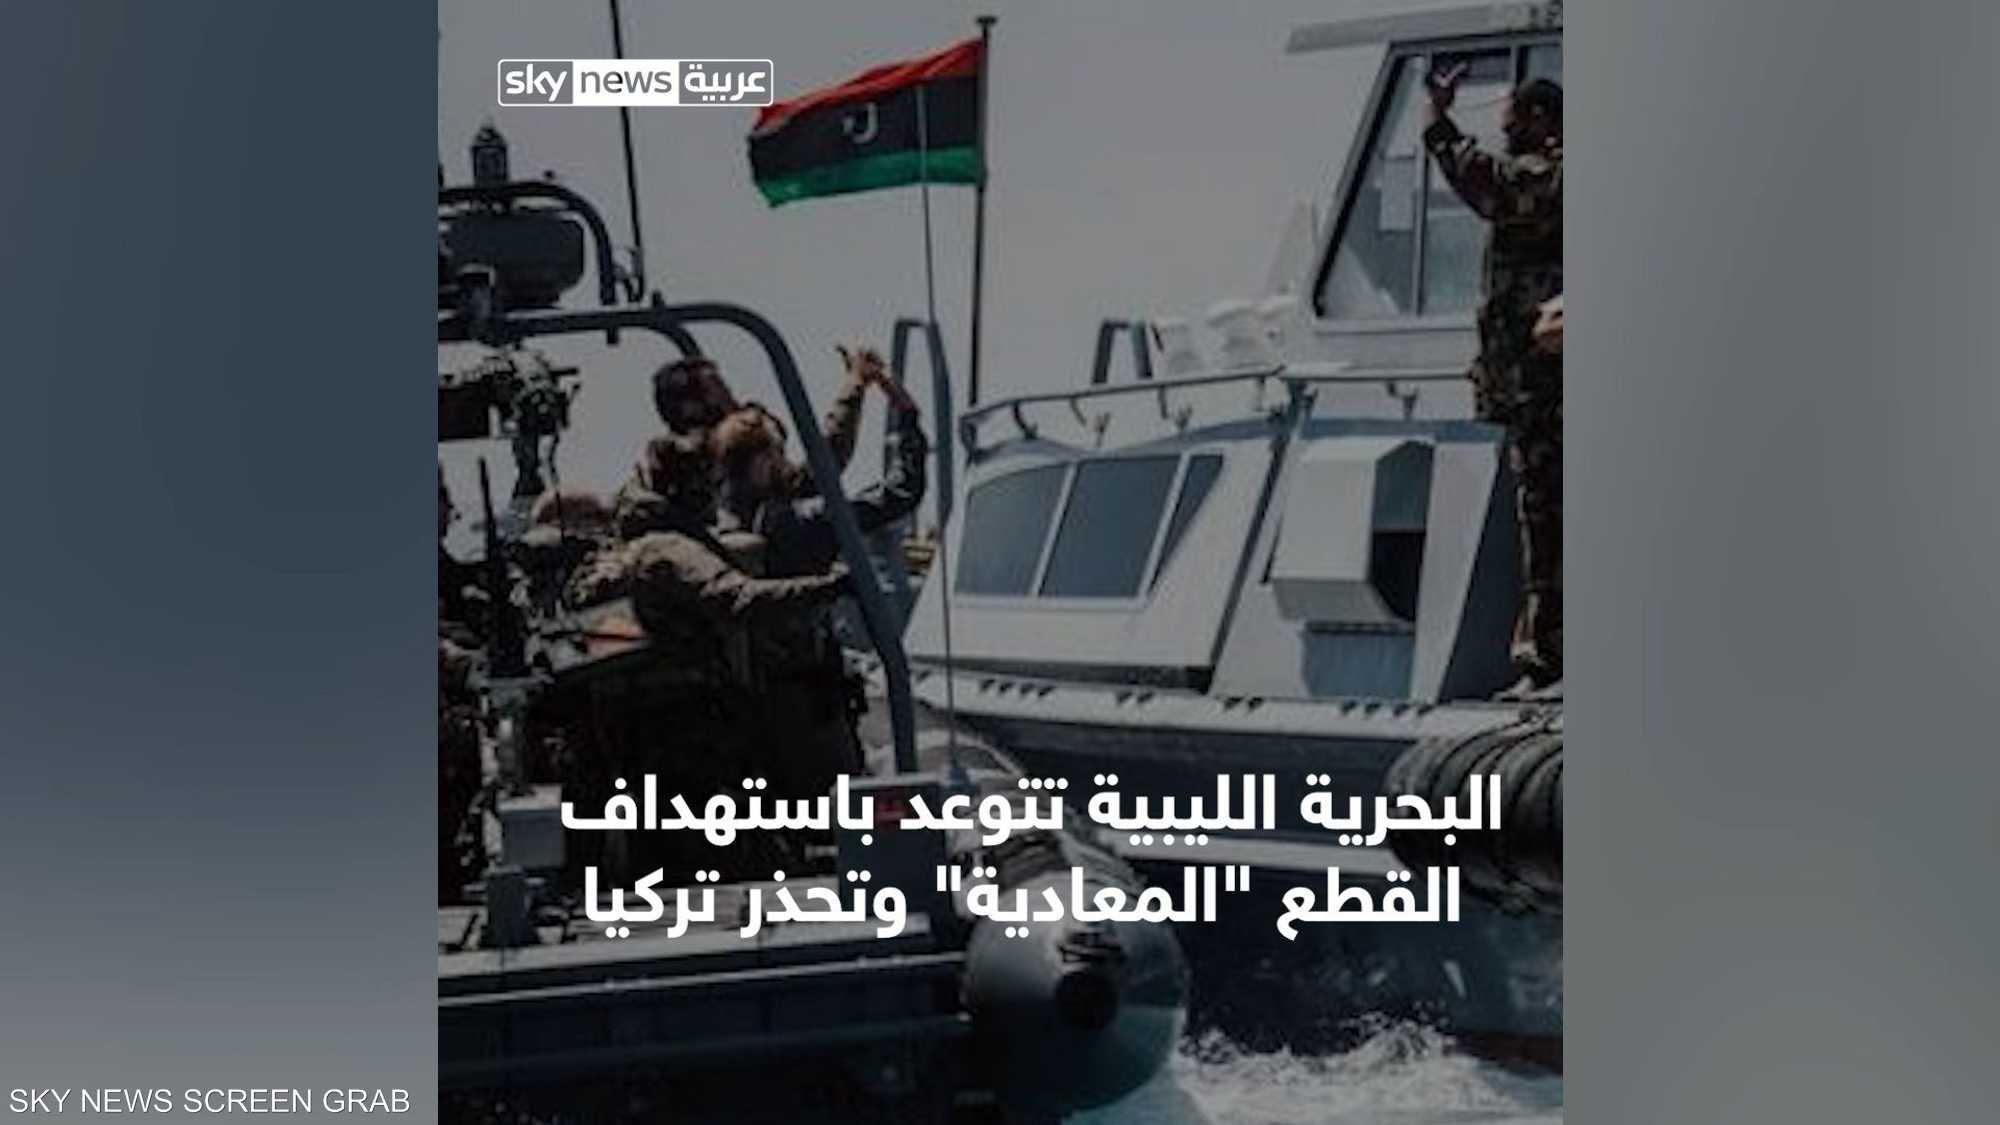 البحرية الليبية تحذر تركيا من الاقتراب من سواحل ليبيا